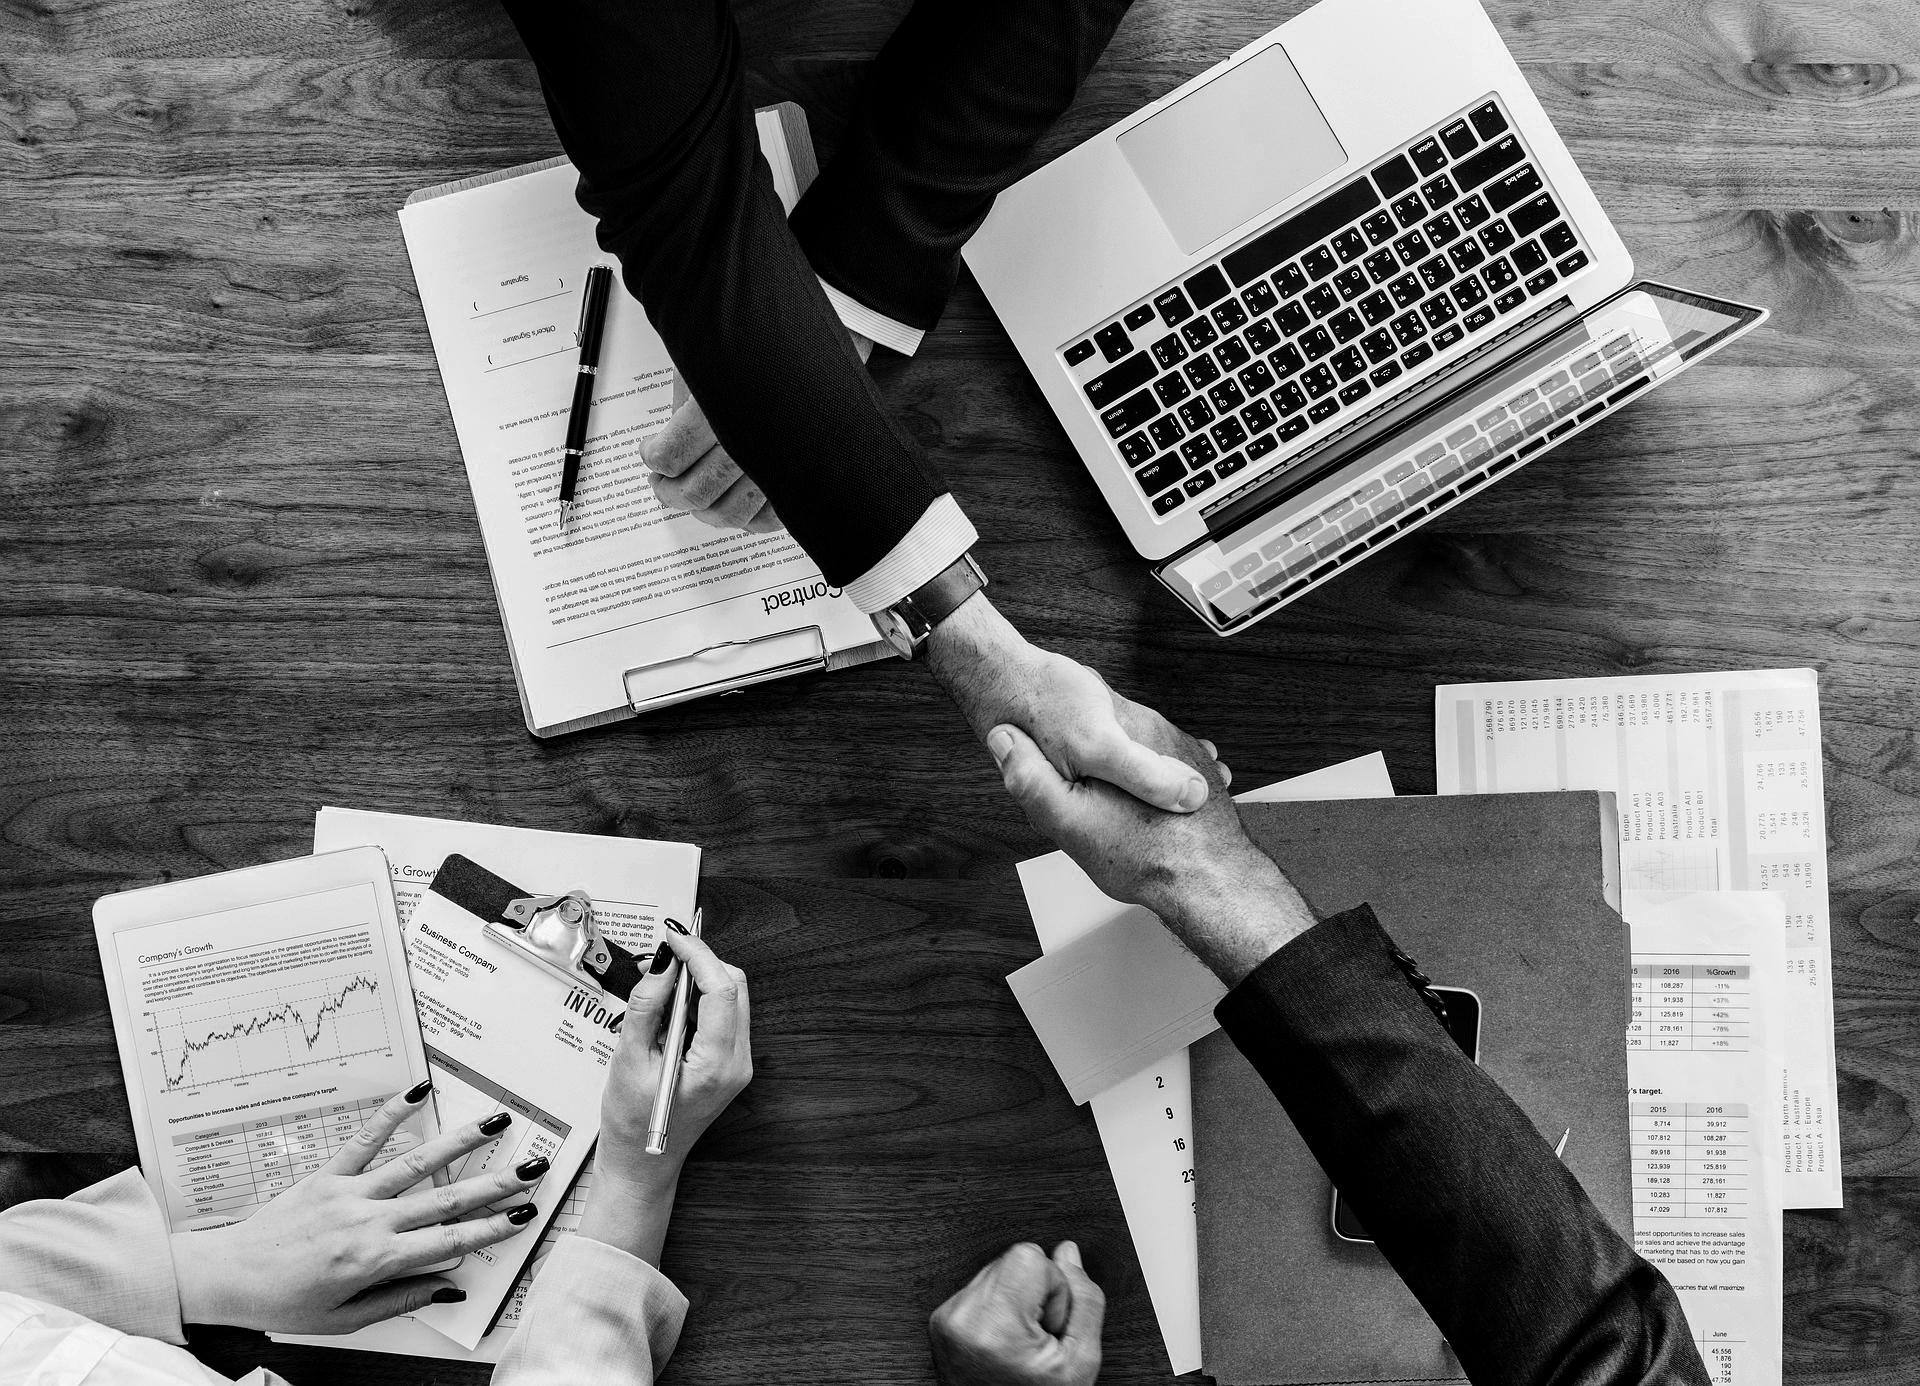 Partnership Journey: Ein Workshop-Format zur Begleitung des Matching von IT-Konsortien.